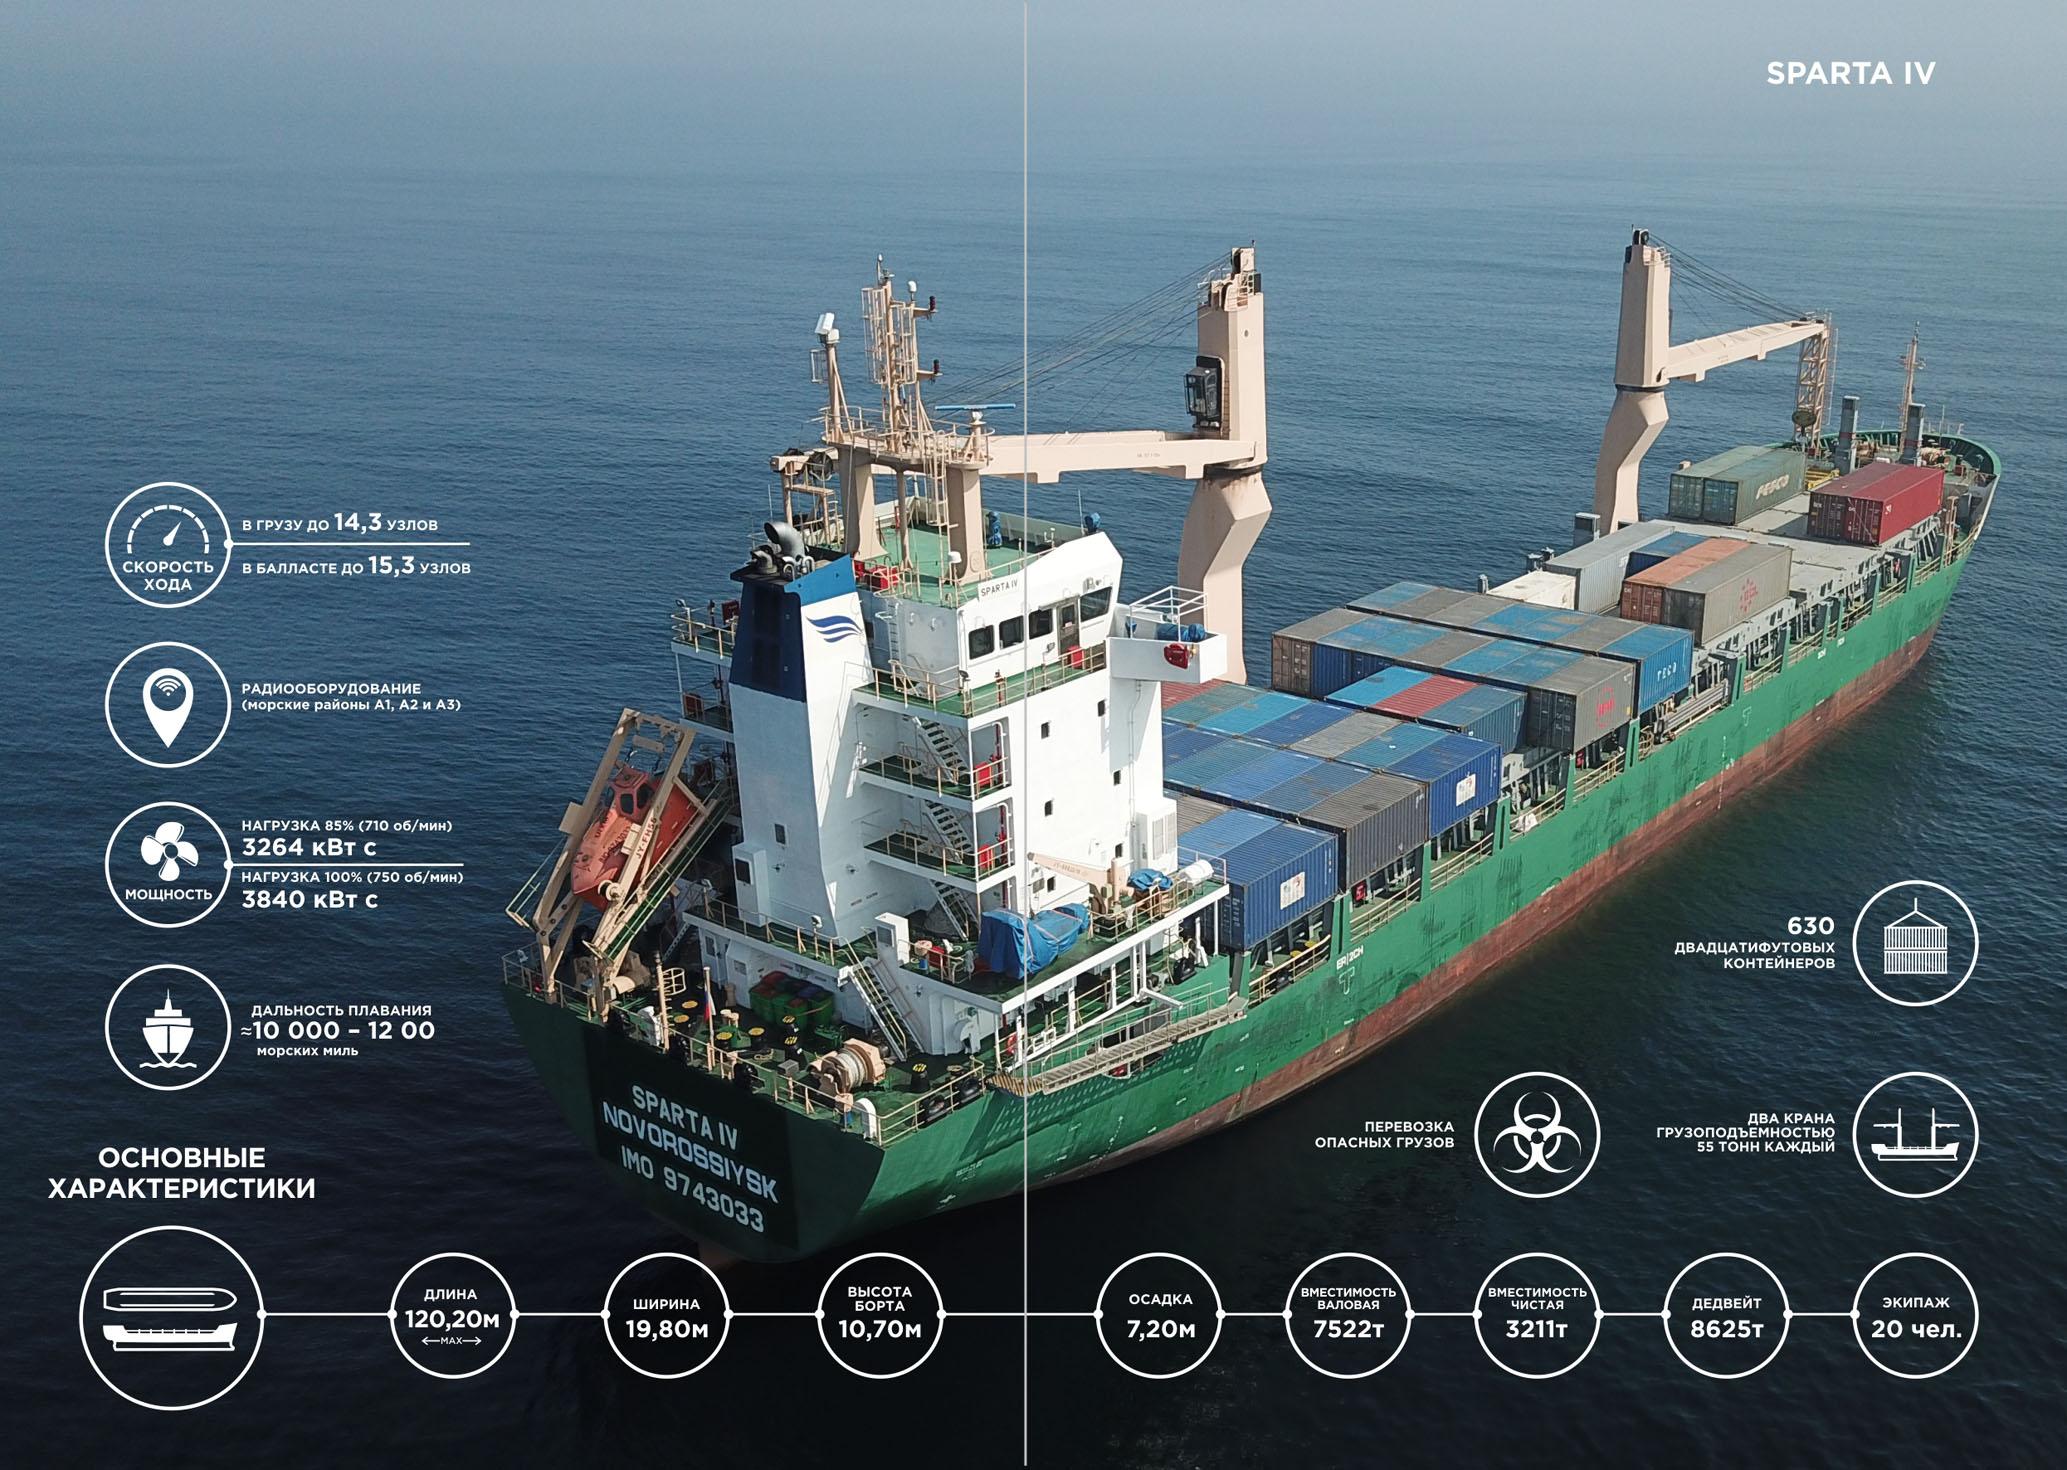 Инфографика для журнала о новом корабле компании фото f_3095b6a028716072.jpg